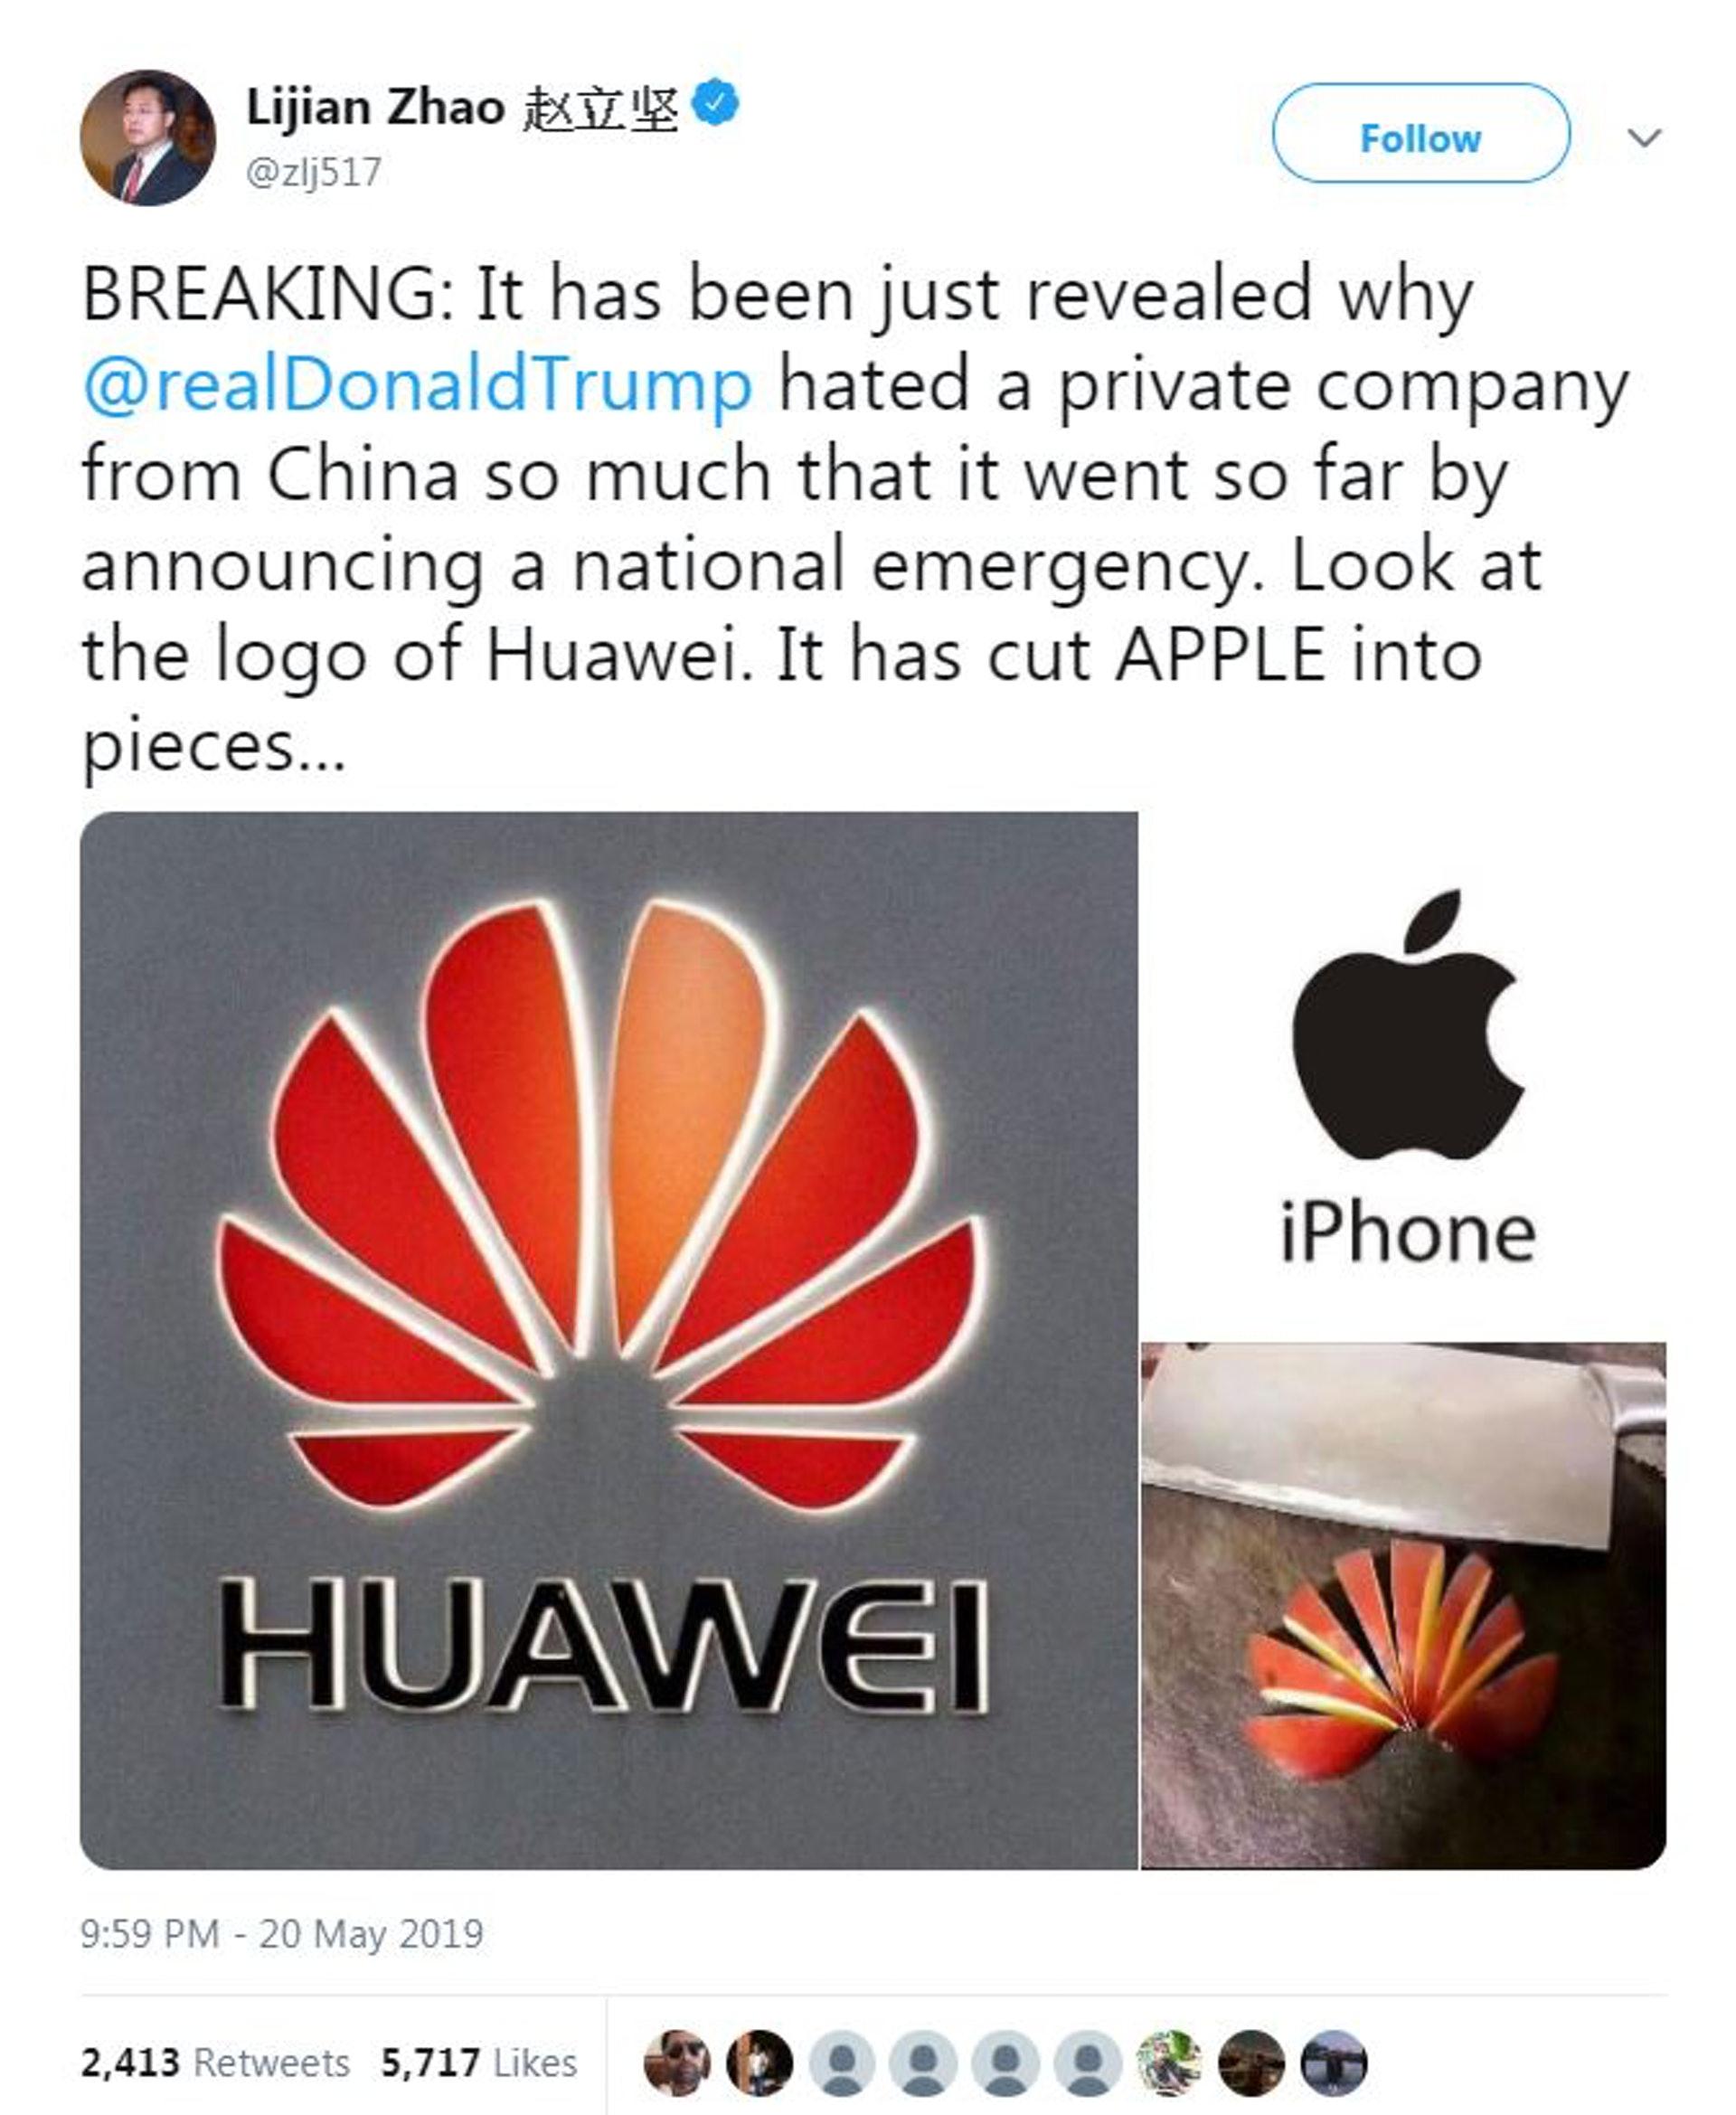 中國外交官趙立堅在Twitter轉發網圖,稱特朗普如此討厭一間中國民營公司,因為華為的商標把蘋果切成片。(趙立堅Twitter截圖)